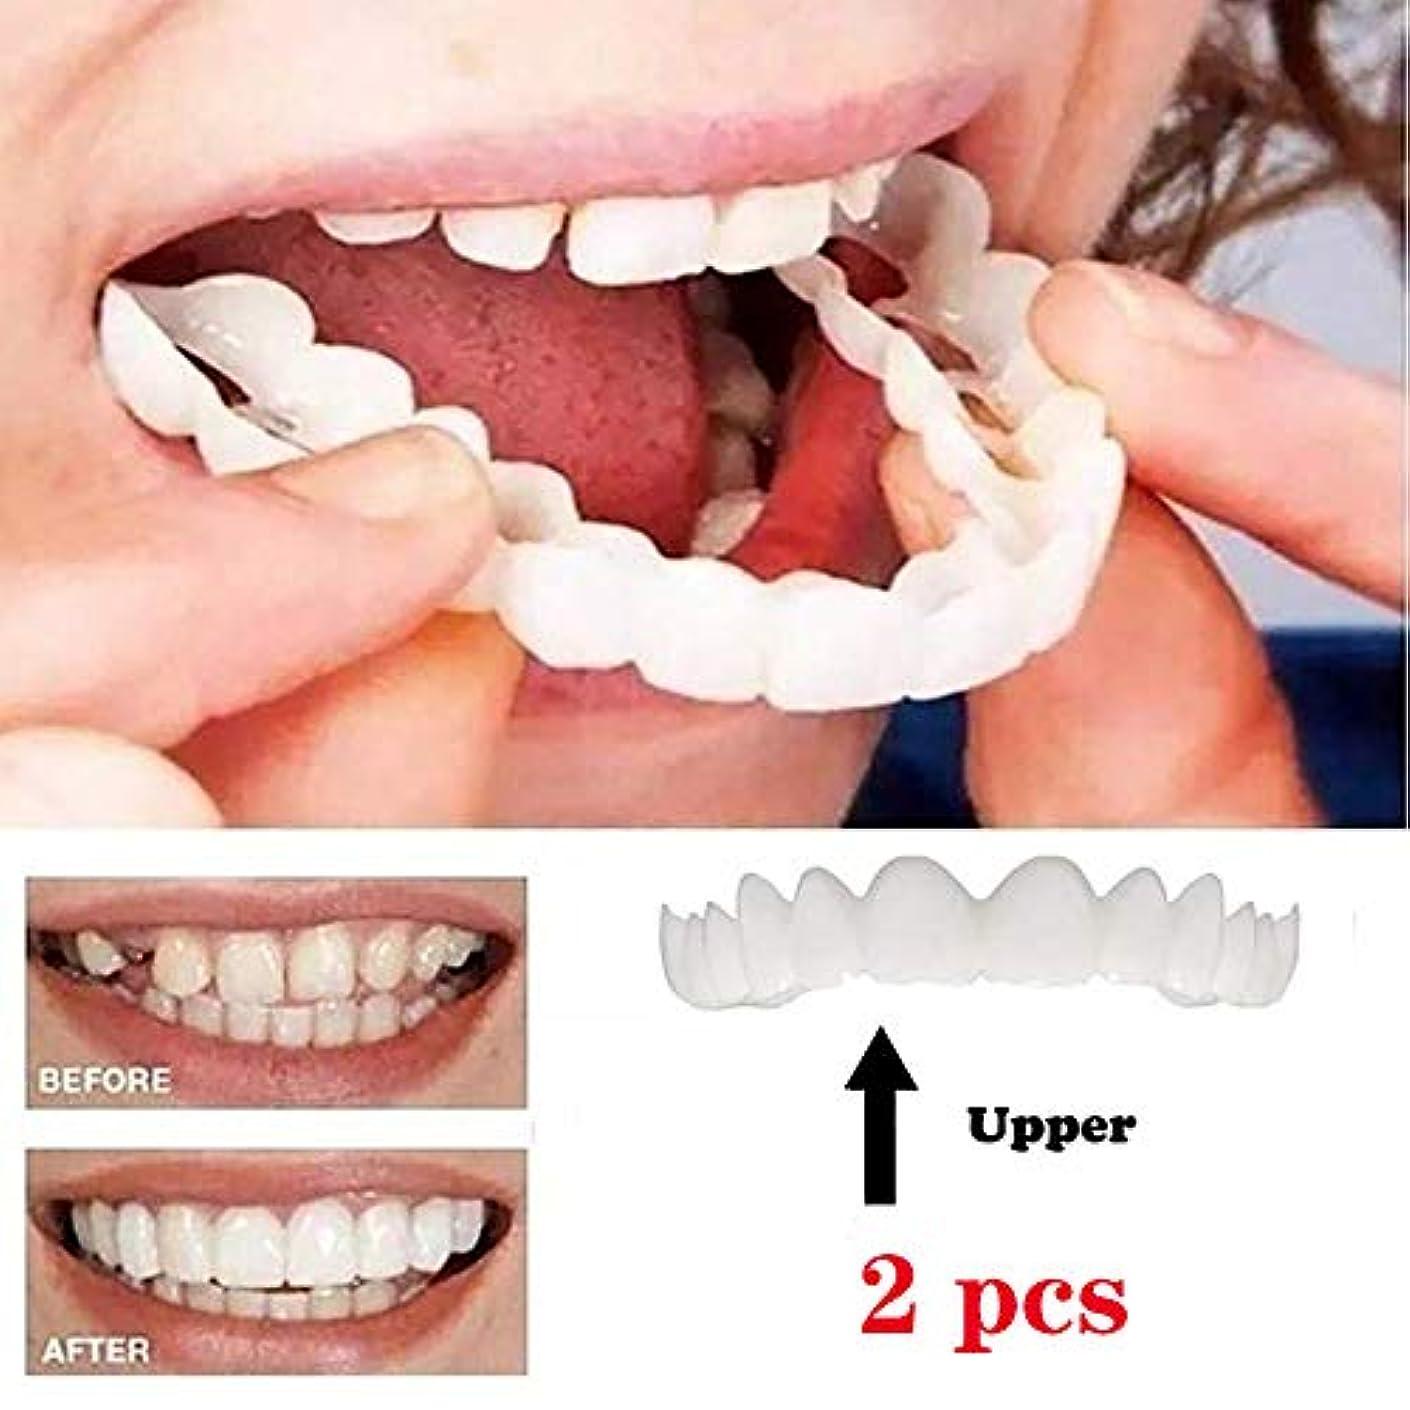 重なるクリーナー黒板義歯歯科口腔ケア歯プラスチックホワイトニング義歯ワンサイズホワイトニング義歯シリコンアッパー偽歯カバーすべてにフィット(2個)